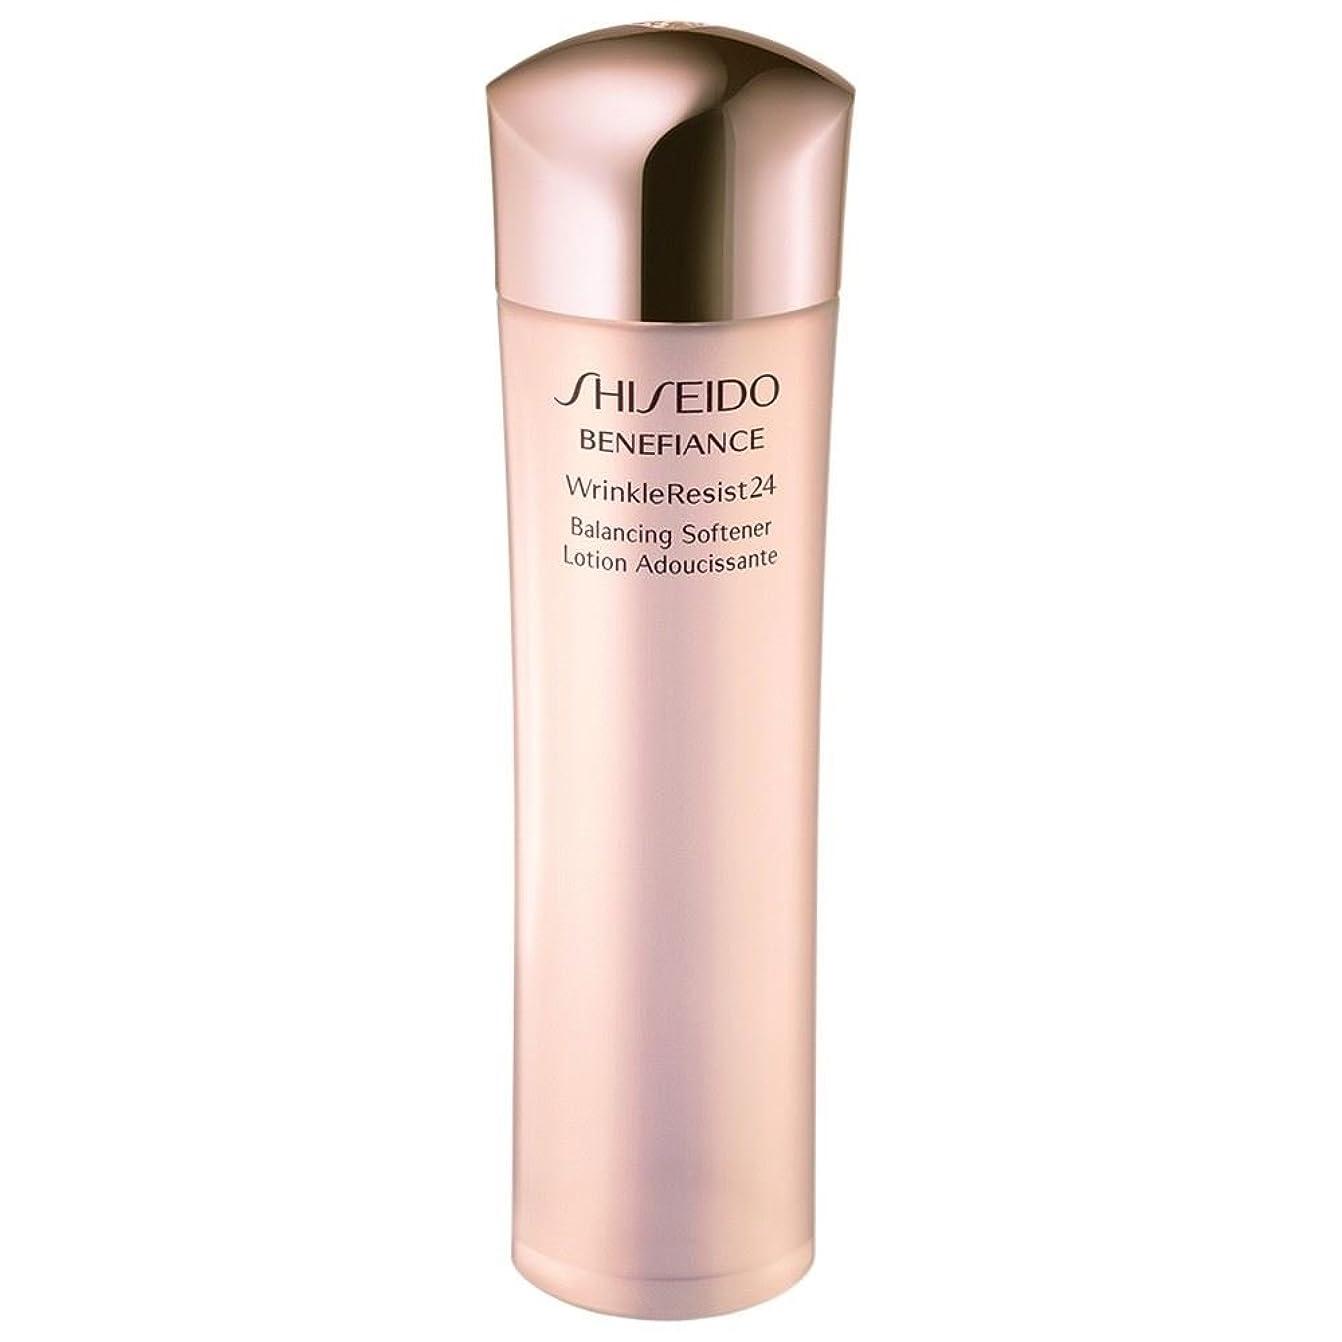 大きさ大きさ倍増[Shiseido] 資生堂ベネフィアンスは、柔軟剤のバランスをとるWrinkleresist24、150ミリリットル - Shiseido Benefiance Wrinkleresist24 Balancing Softener, 150ml [並行輸入品]